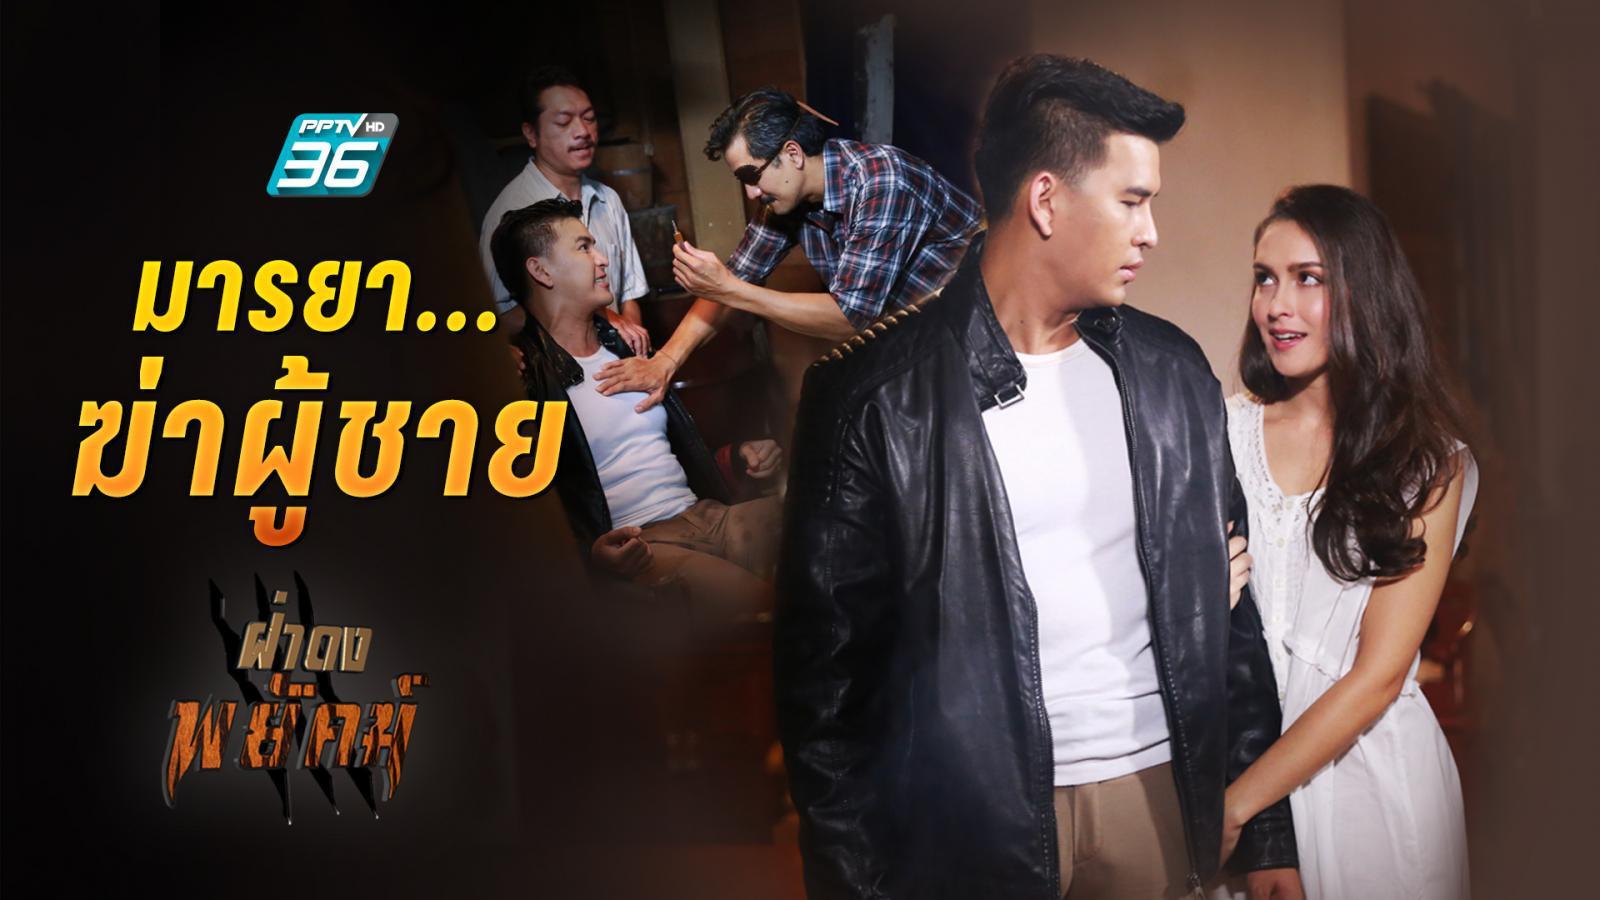 ฟินสุด | ฝ่าดงพยัคฆ์ EP.24 | PPTV HD 36